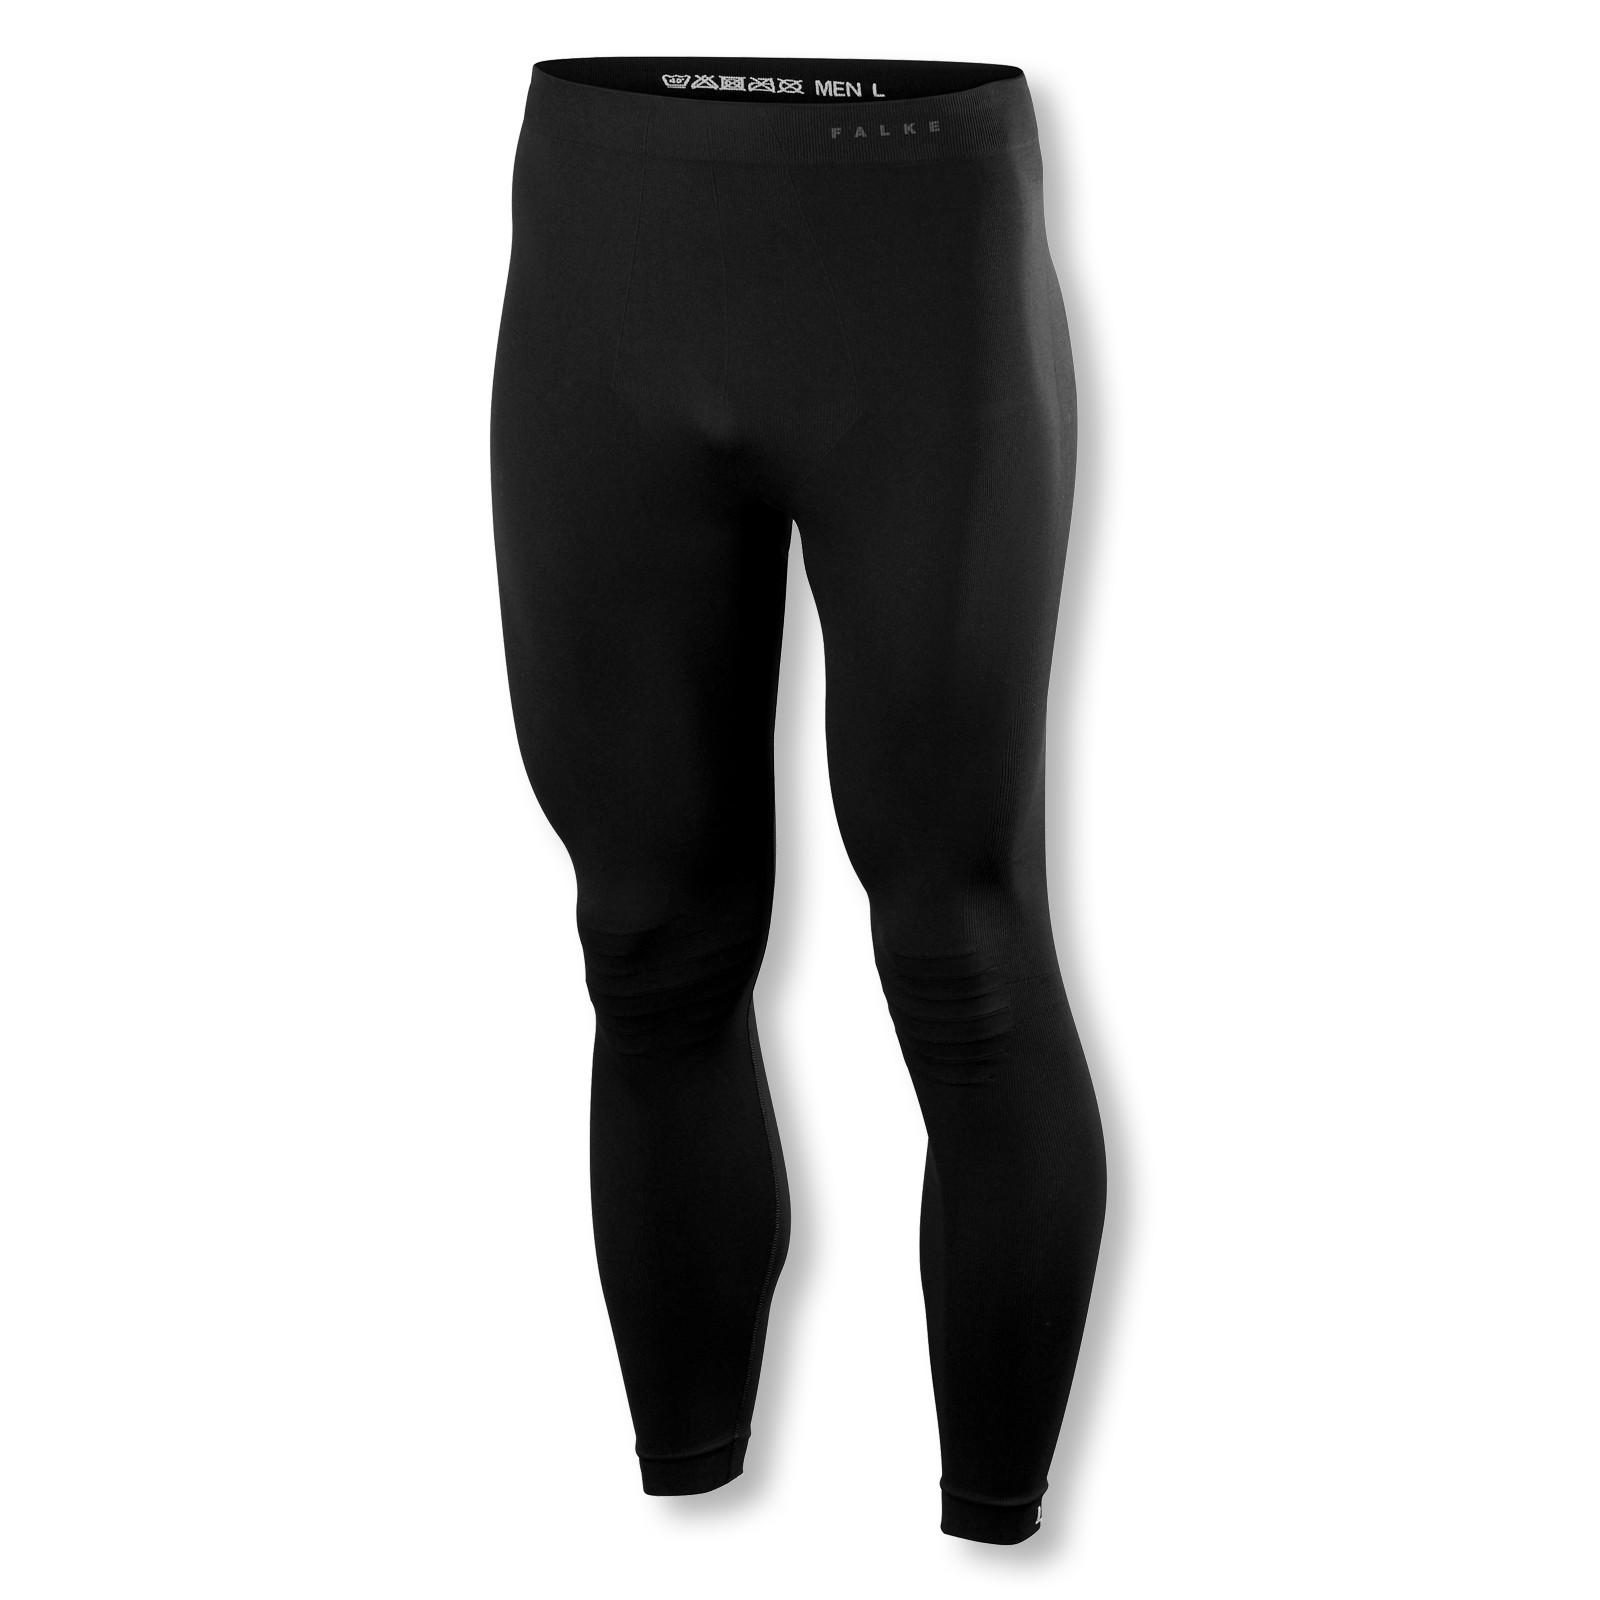 Falke Herren Skiunterwäsche Unterhose Tights Warm M L XL 2XL 39616 in black